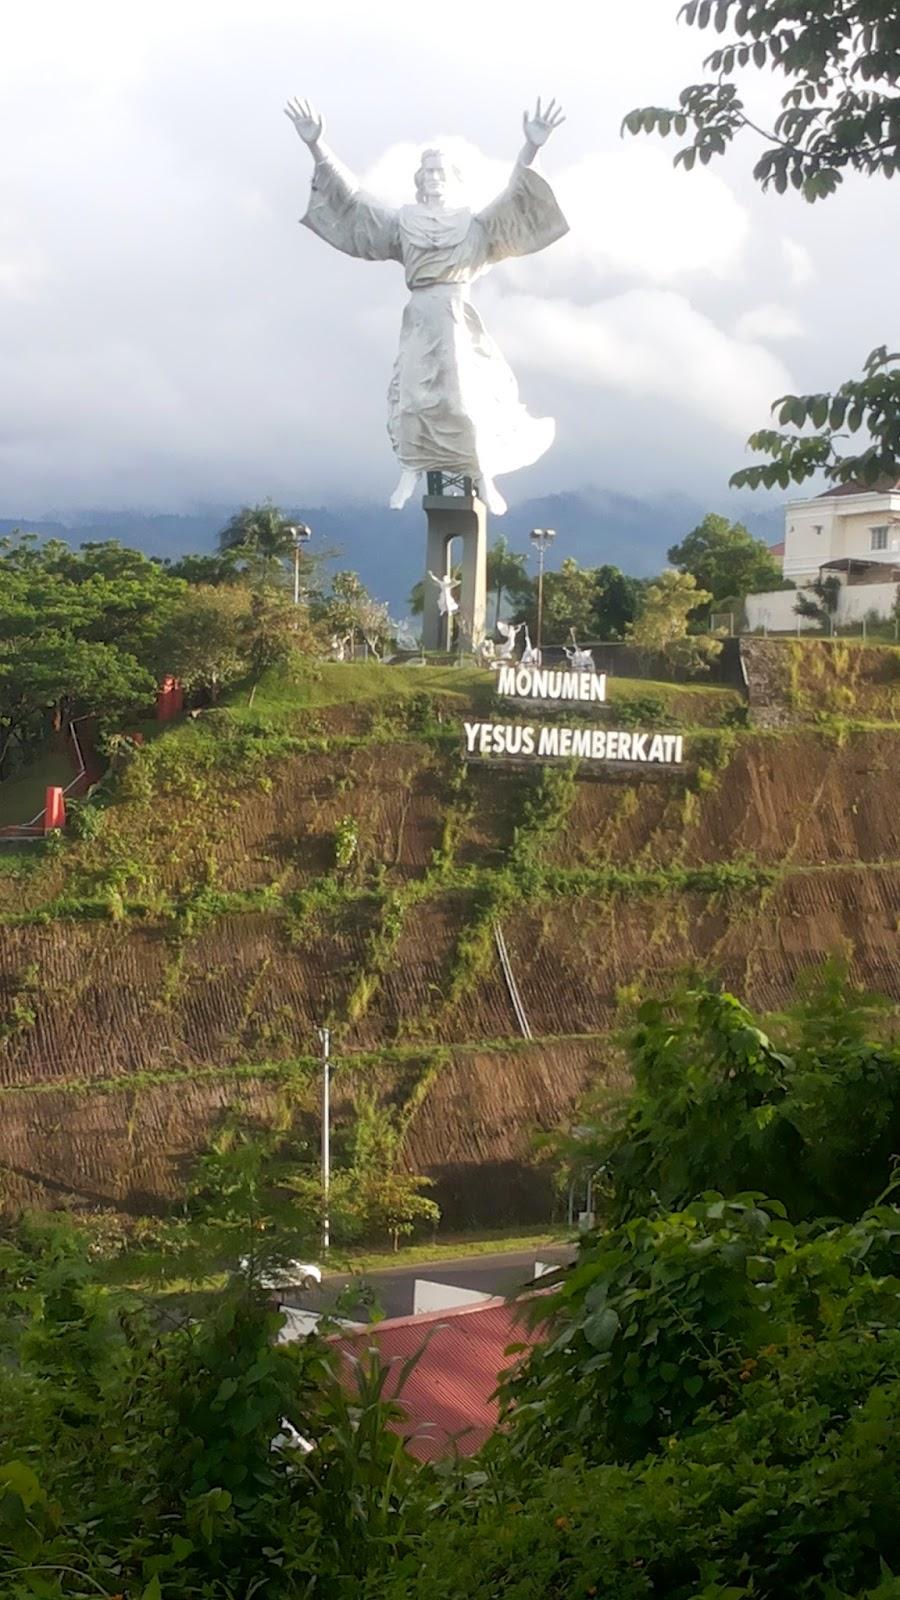 Keluarga Haripahargio Lost Manado Day 1 Monumen Yesus Memberkati 20141219